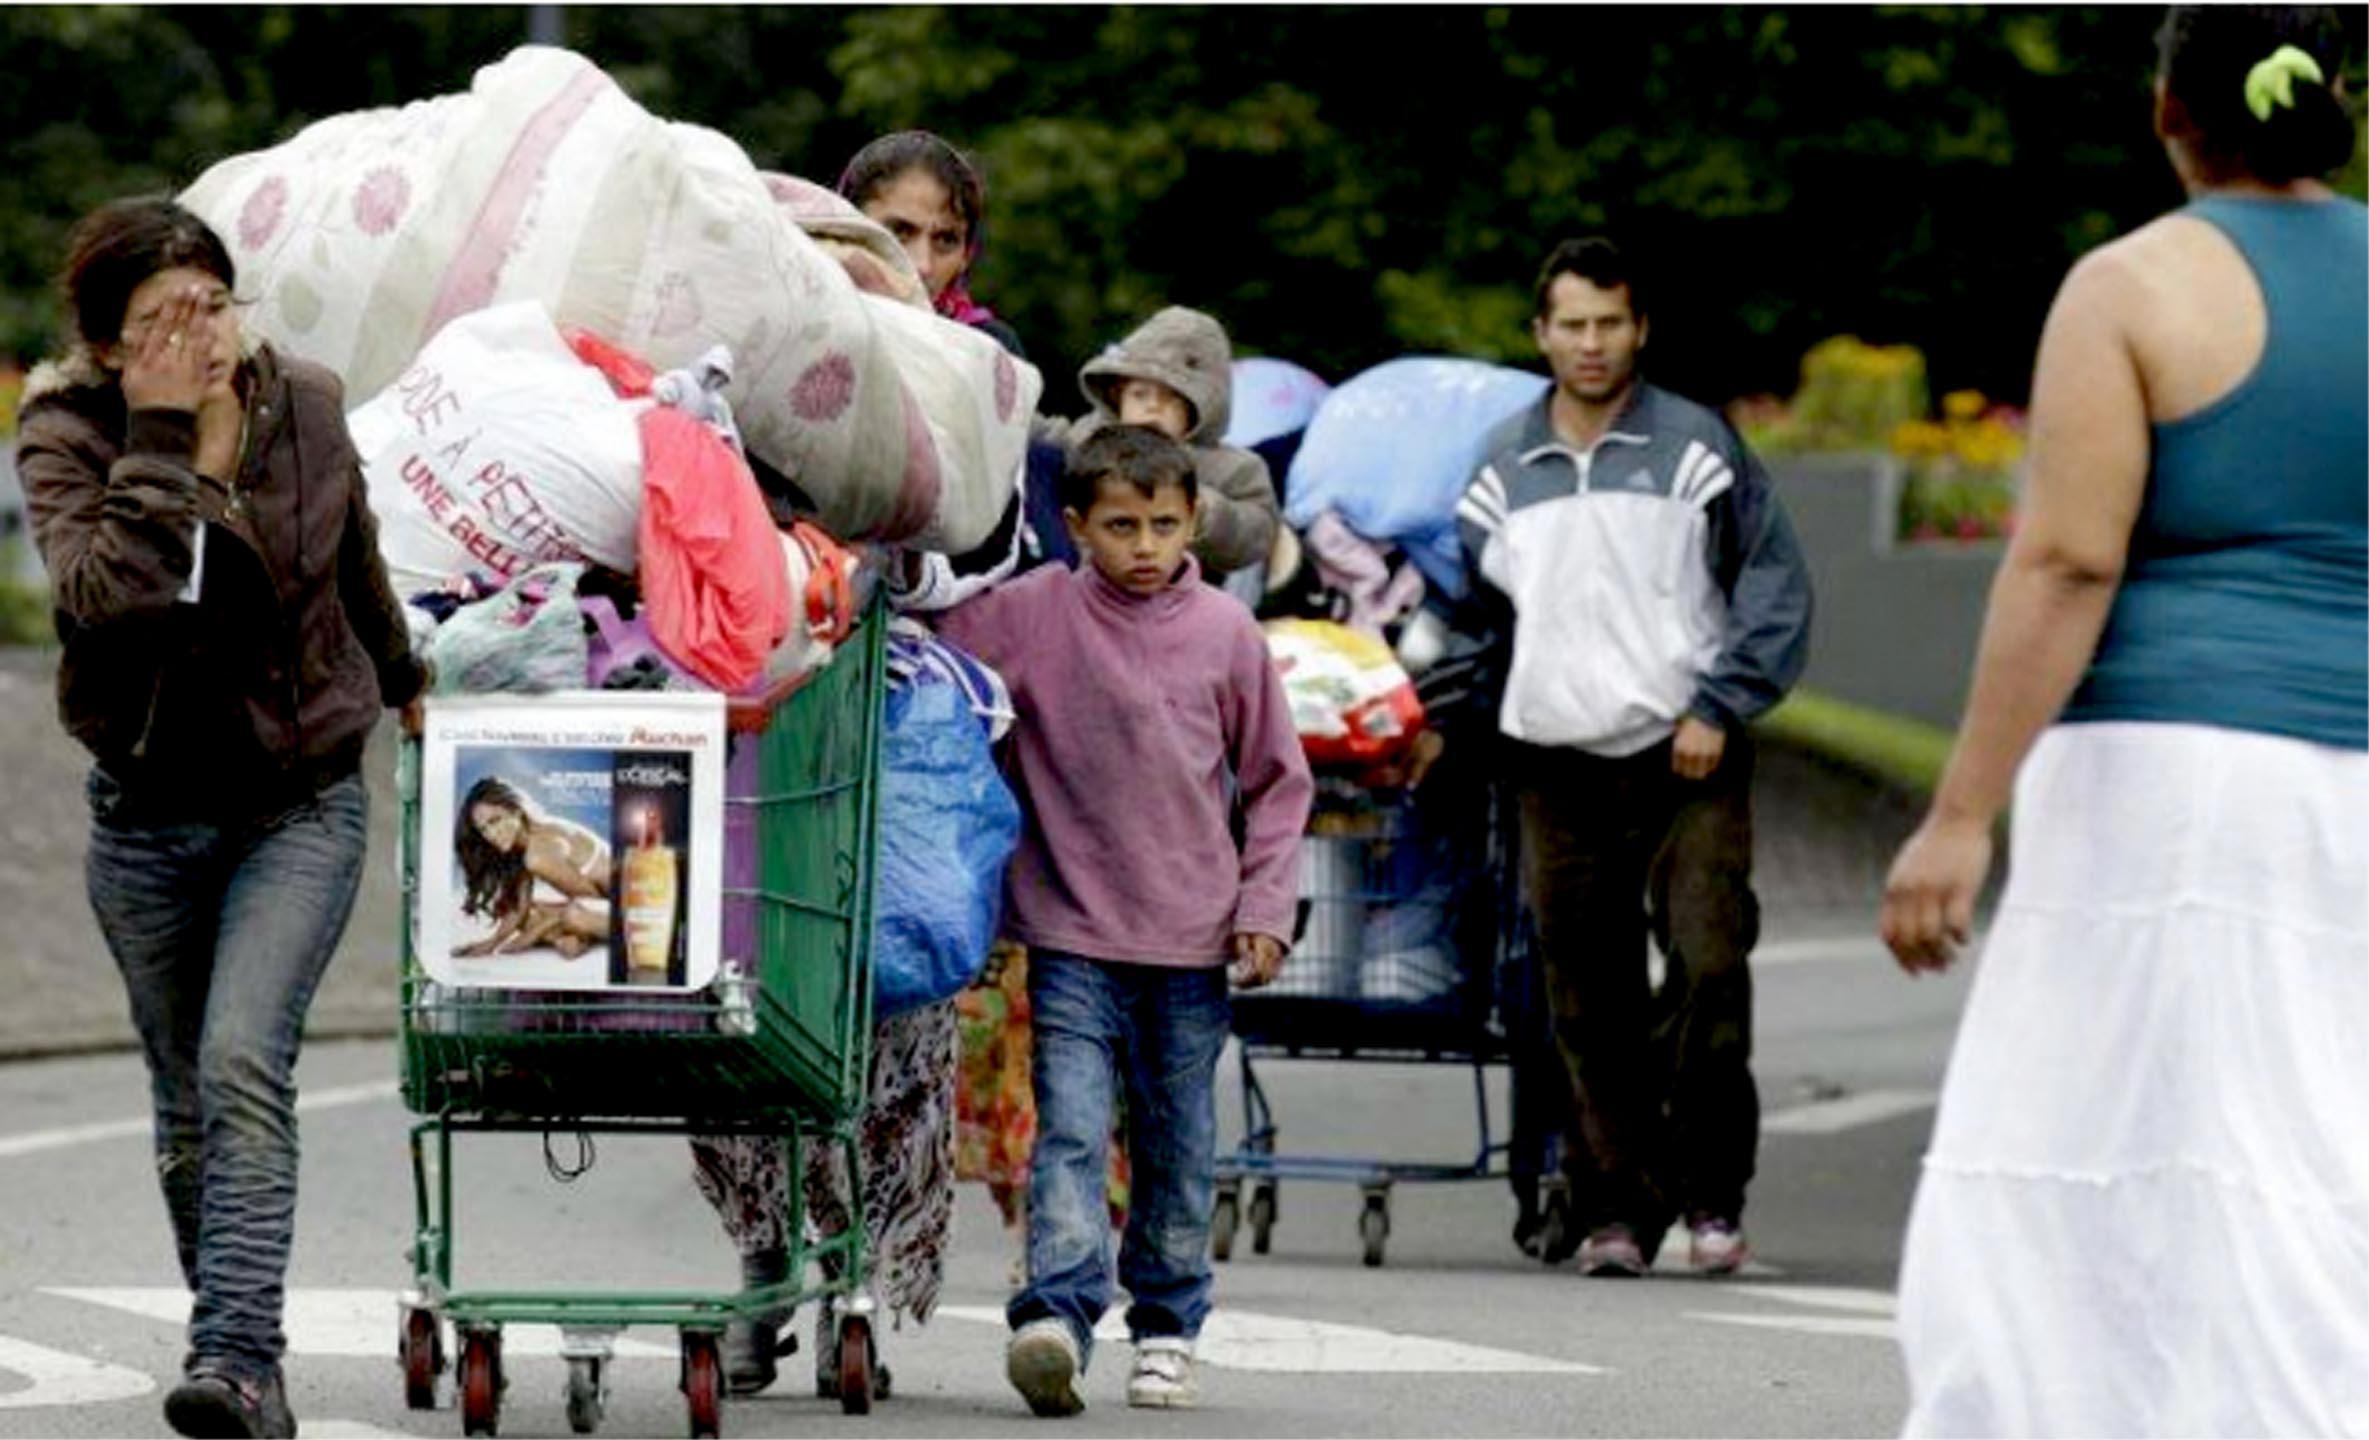 Romii din Europa, mai vulnerabili în fata crizei economice